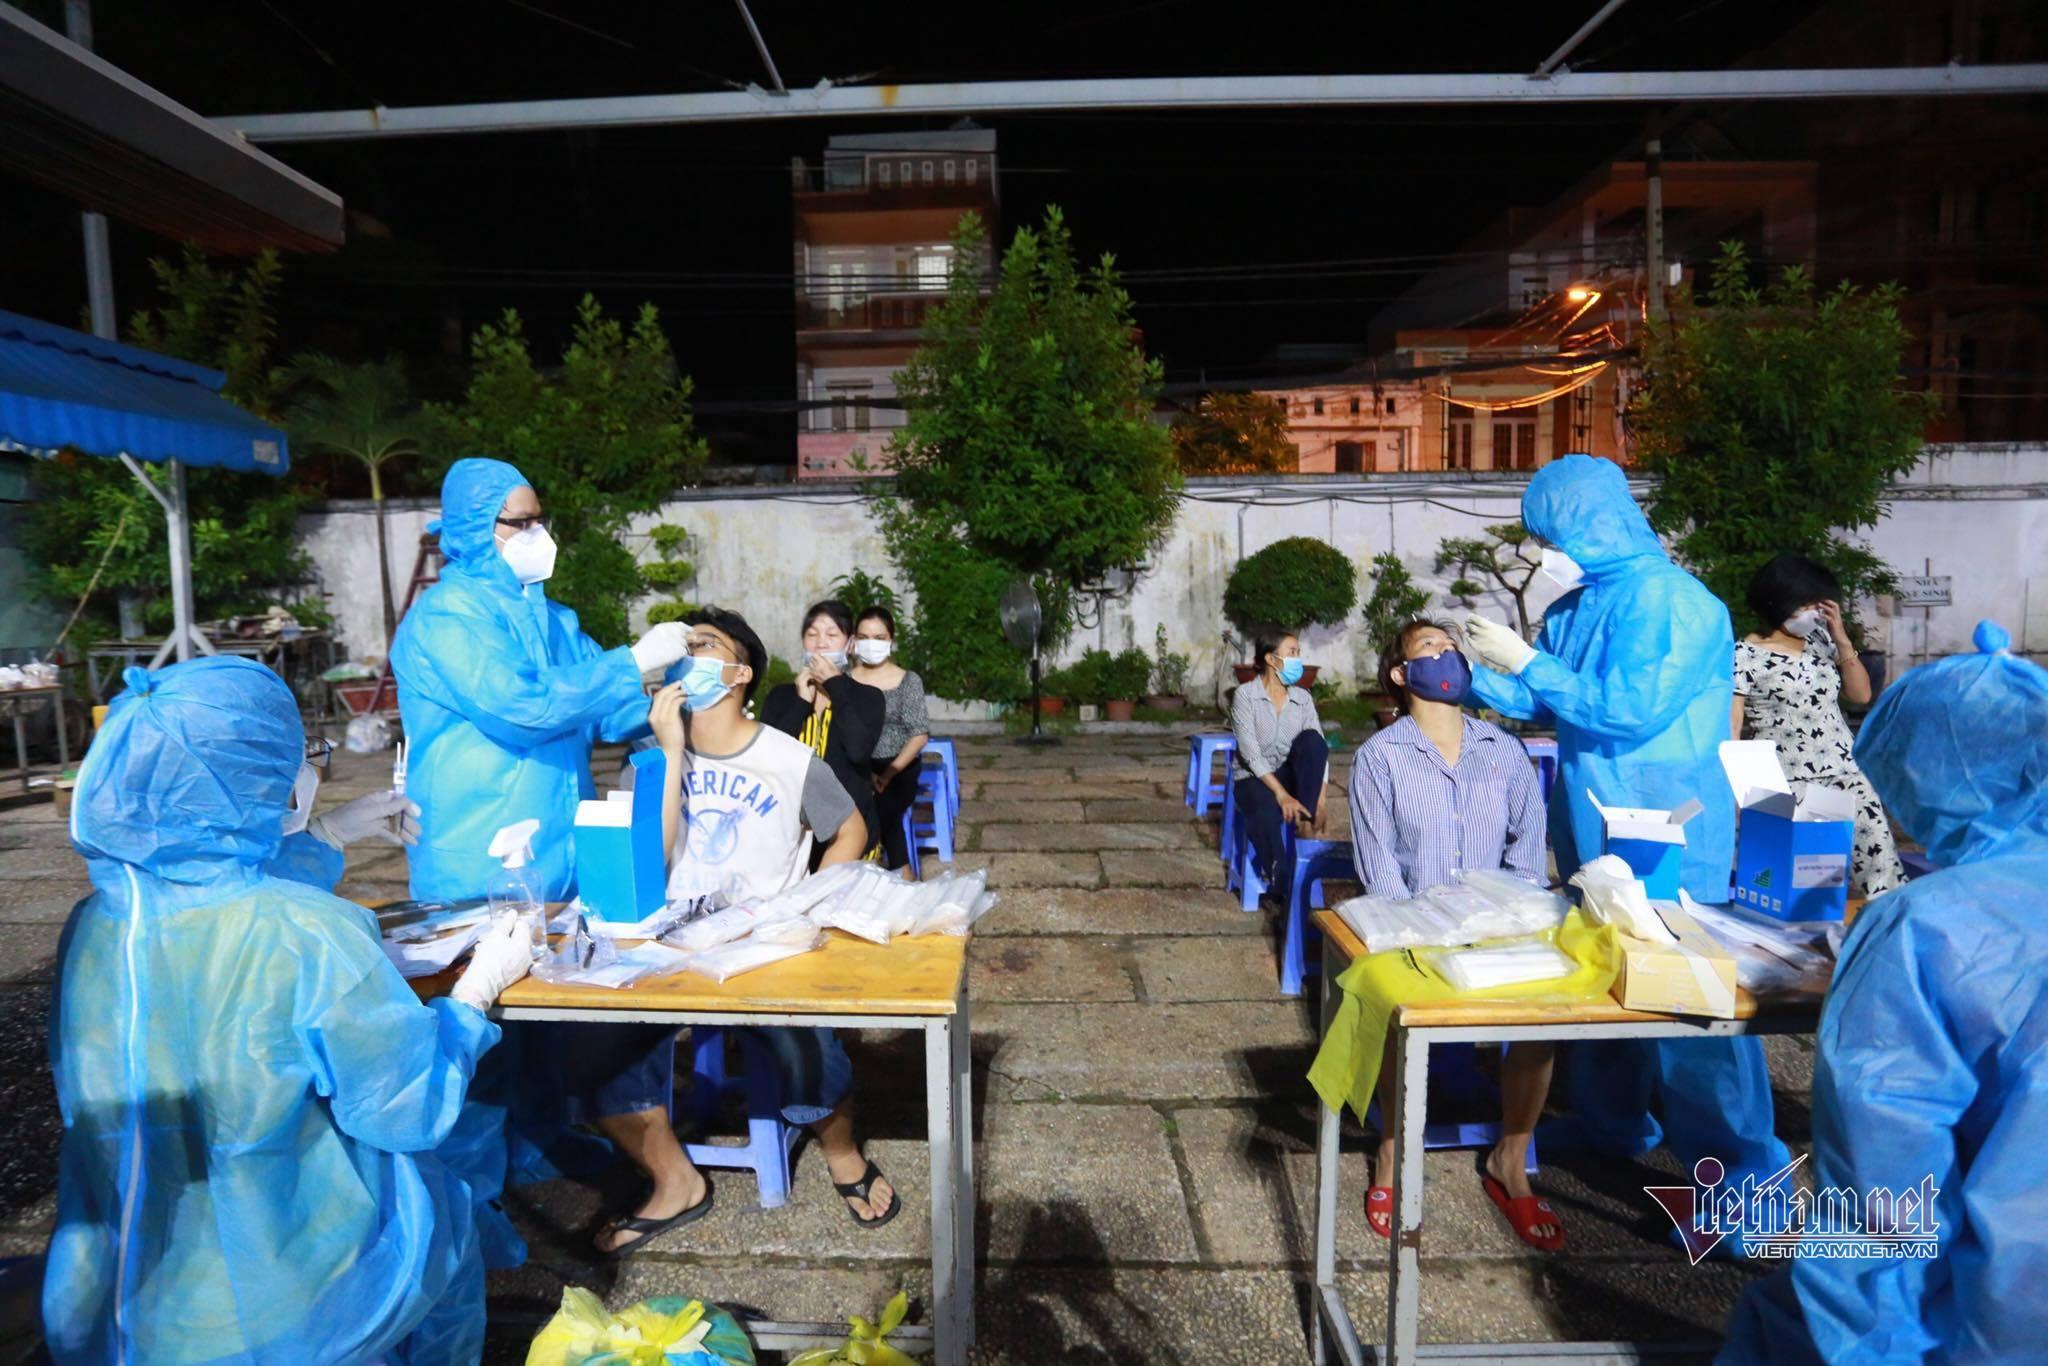 Xuyên đêm lấy mẫu 50.000 người liên quan chuỗi Covid-19 Hội thánh truyền giáo